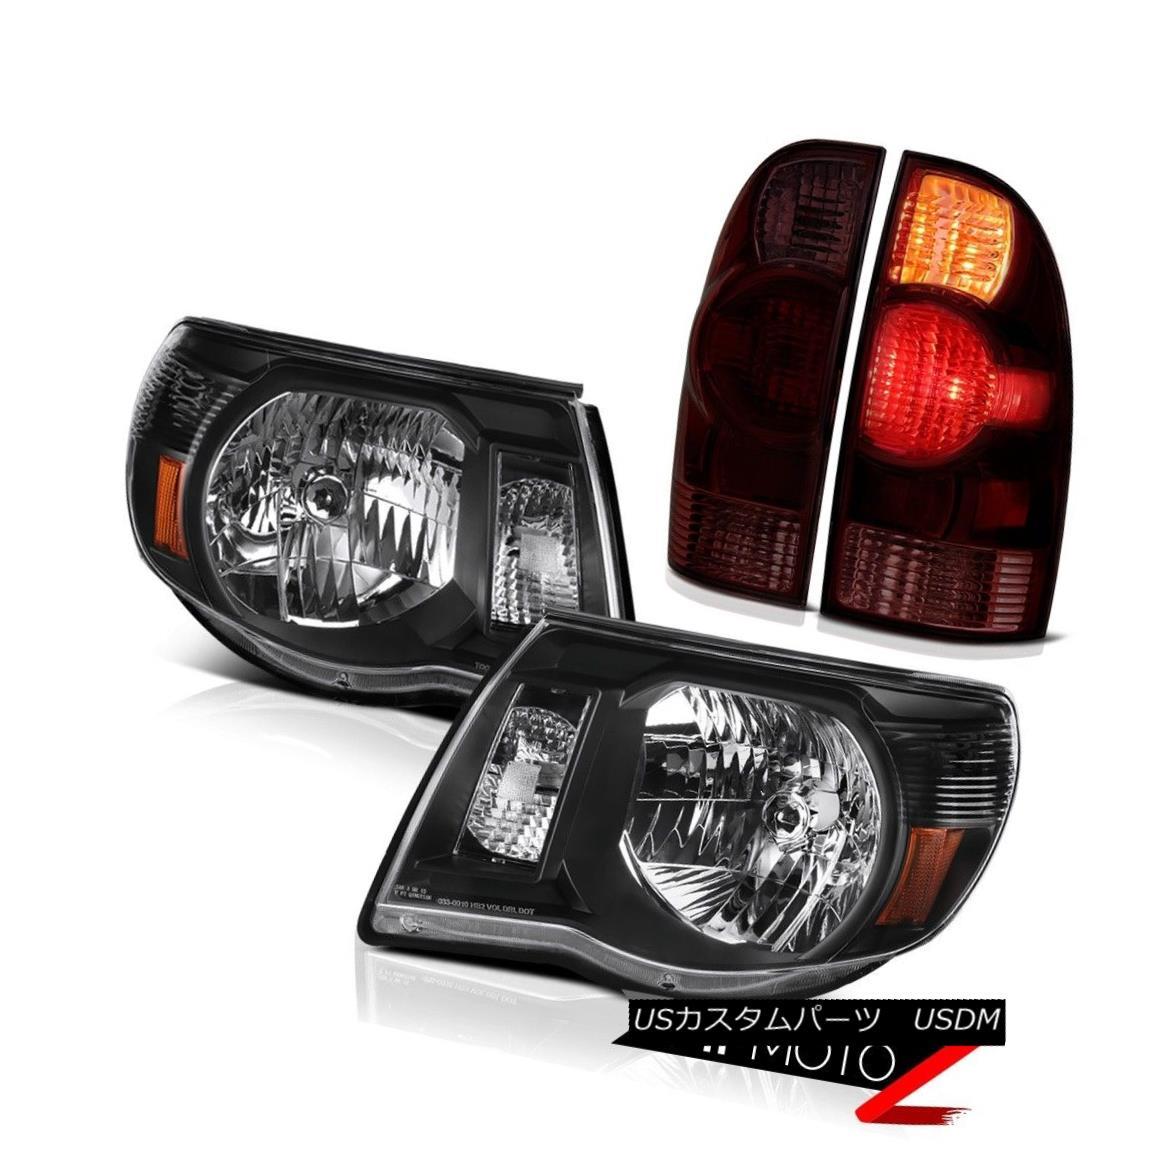 テールライト 05-11 Tacoma 4.0L Graphite smoke parking brake lights headlights Factory Style 05-11タコマ4.0Lグラファイト煙駐車ブレーキライトヘッドライト工場のスタイル